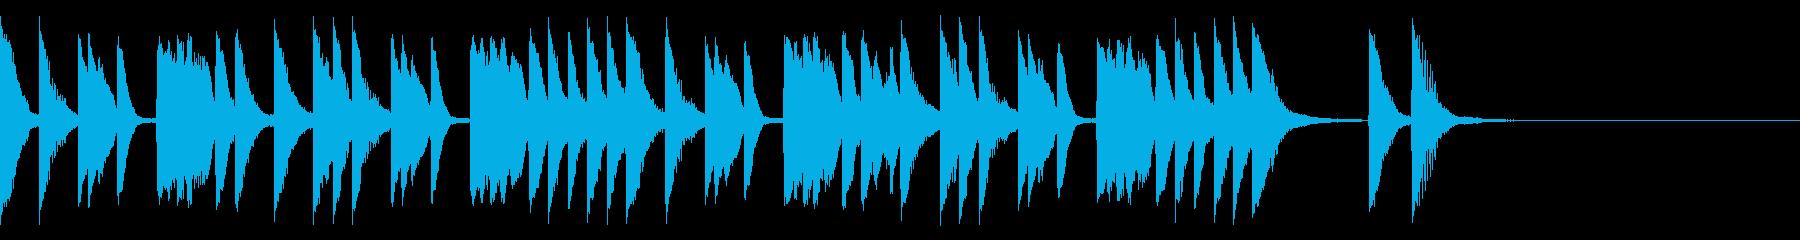 キュートでポップ はじけるピアノソロの再生済みの波形